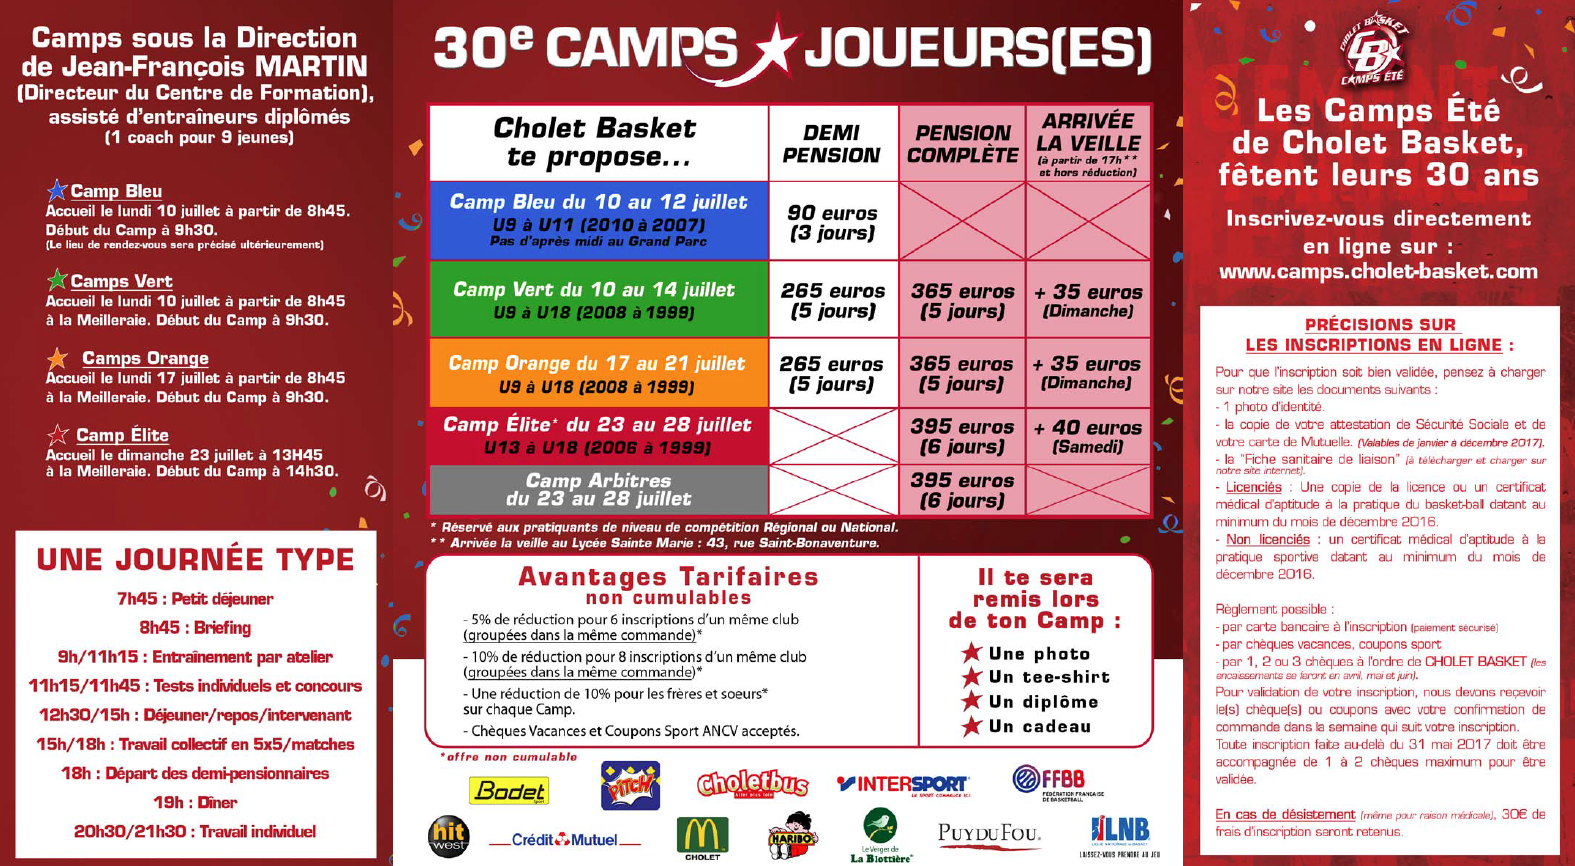 Cholet Basket Camps